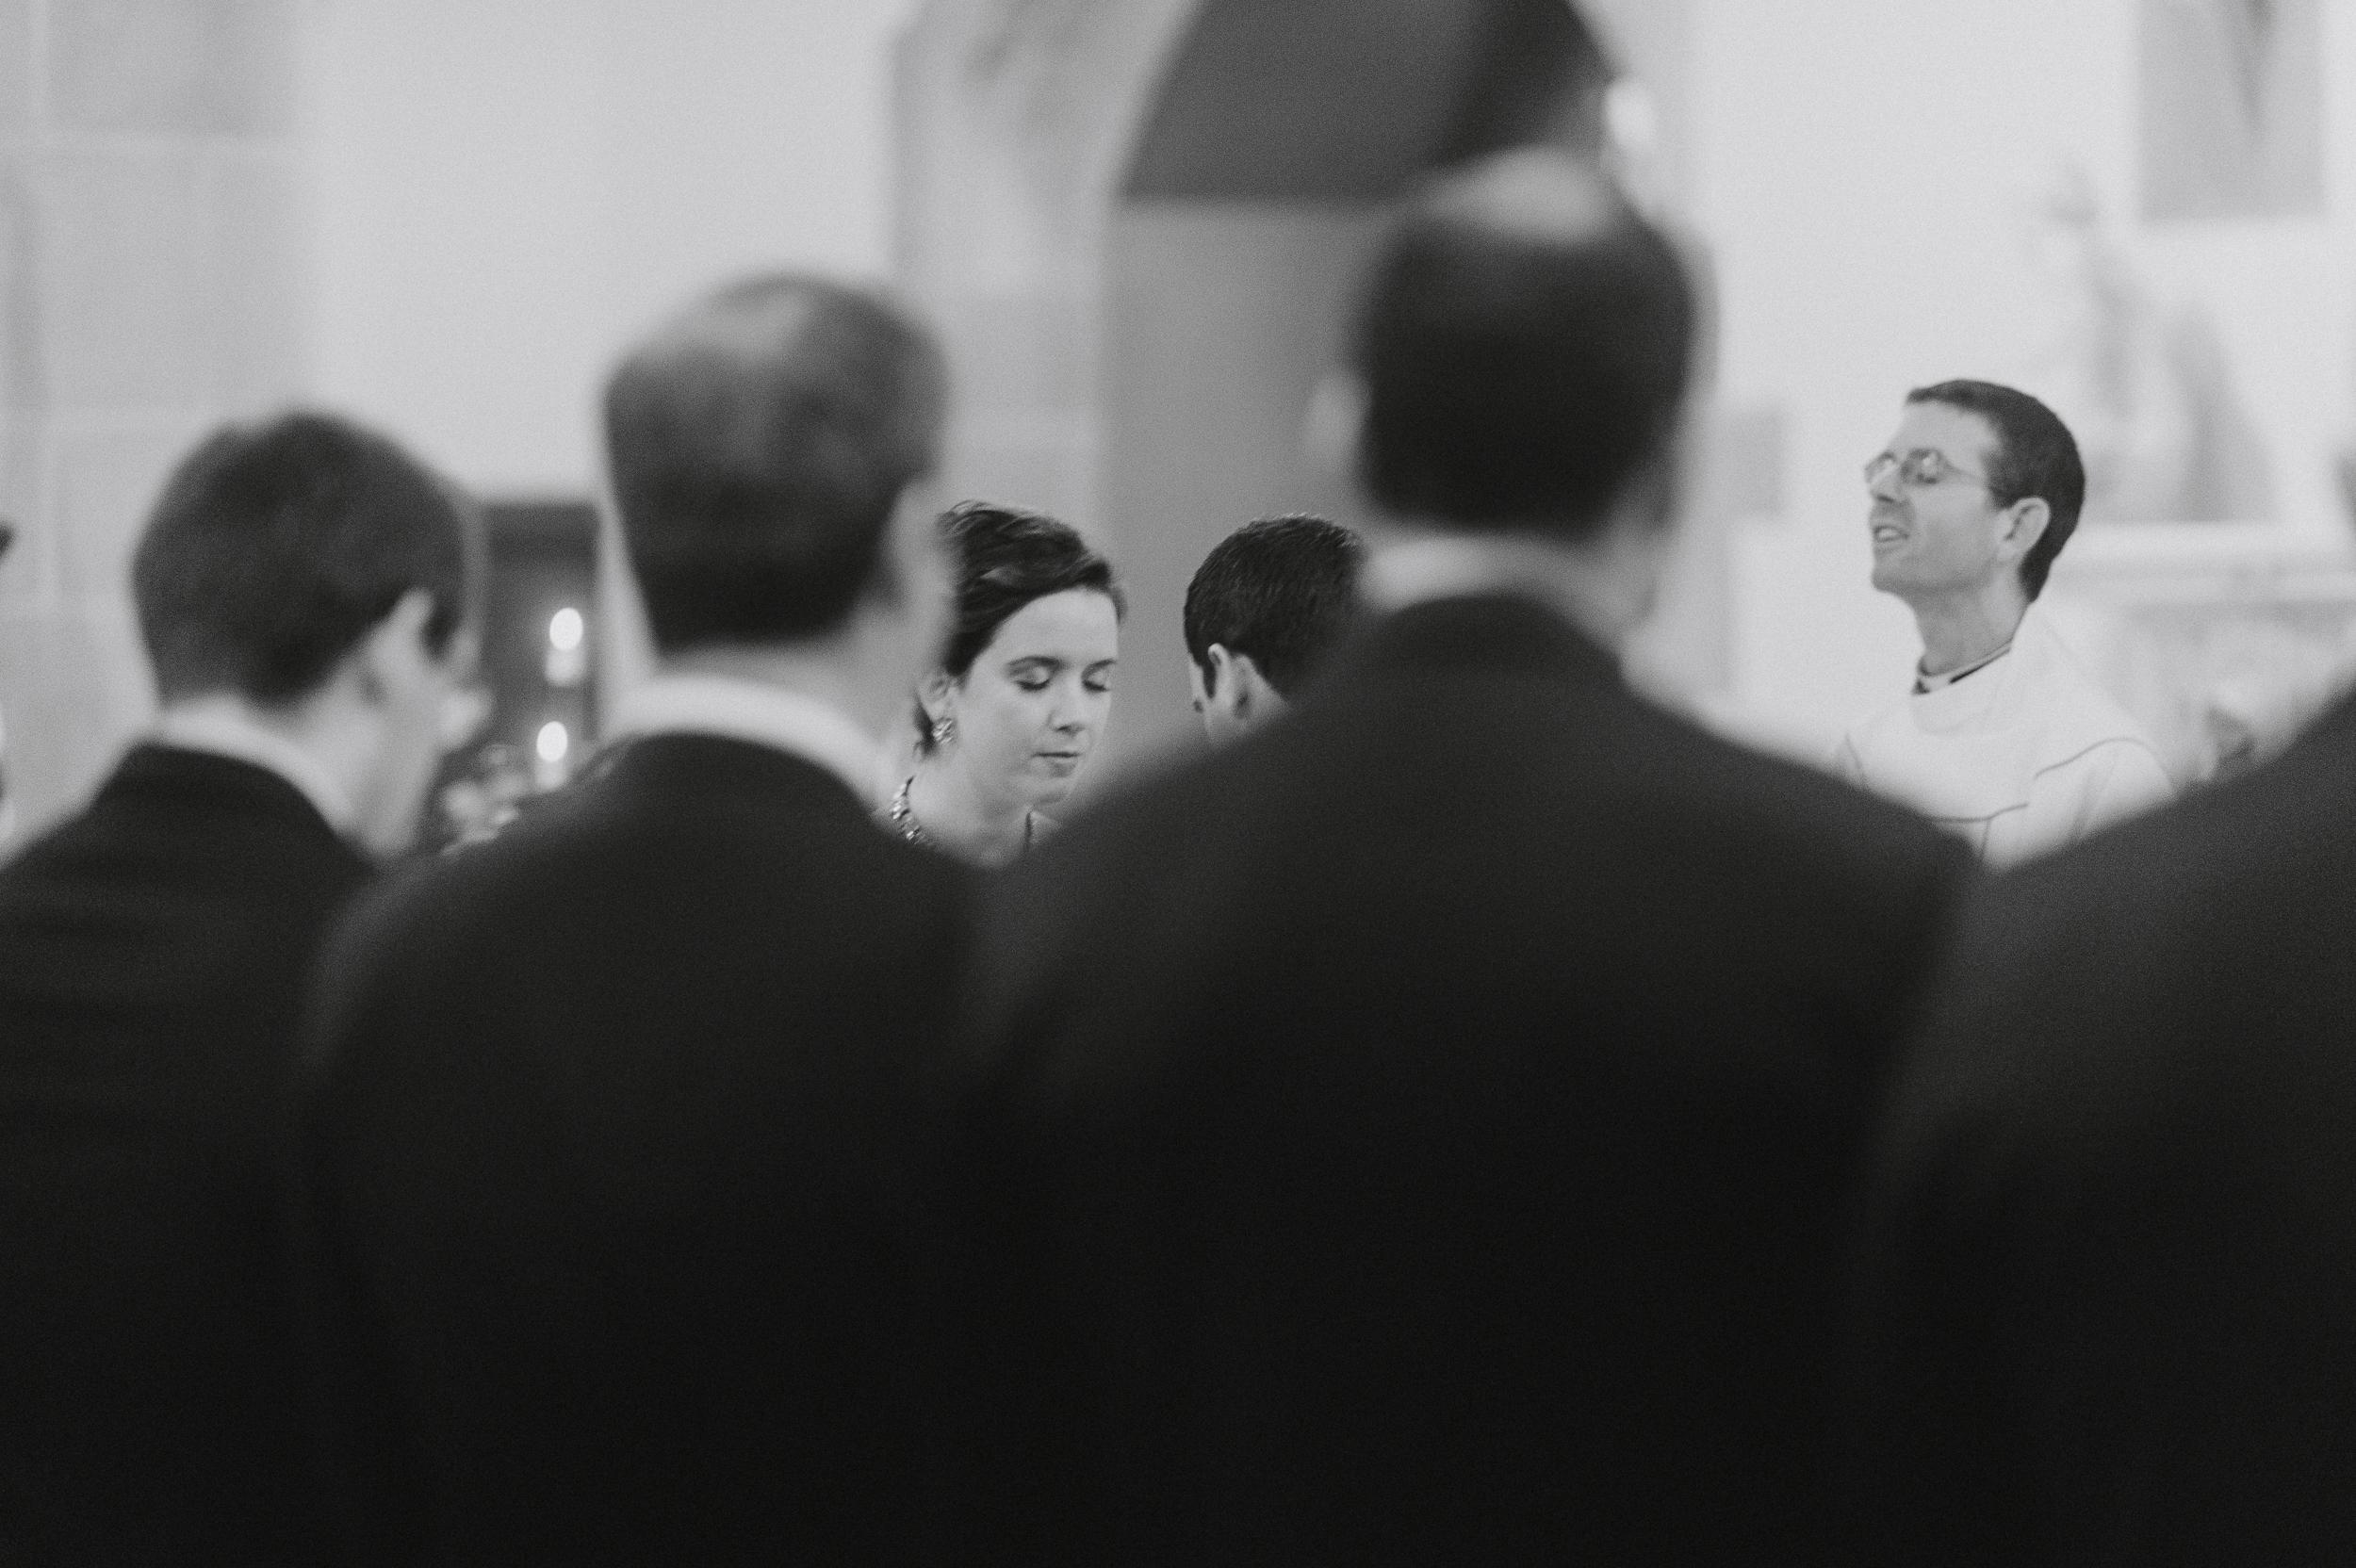 vermont-destination-wedding-photographer-45.jpg